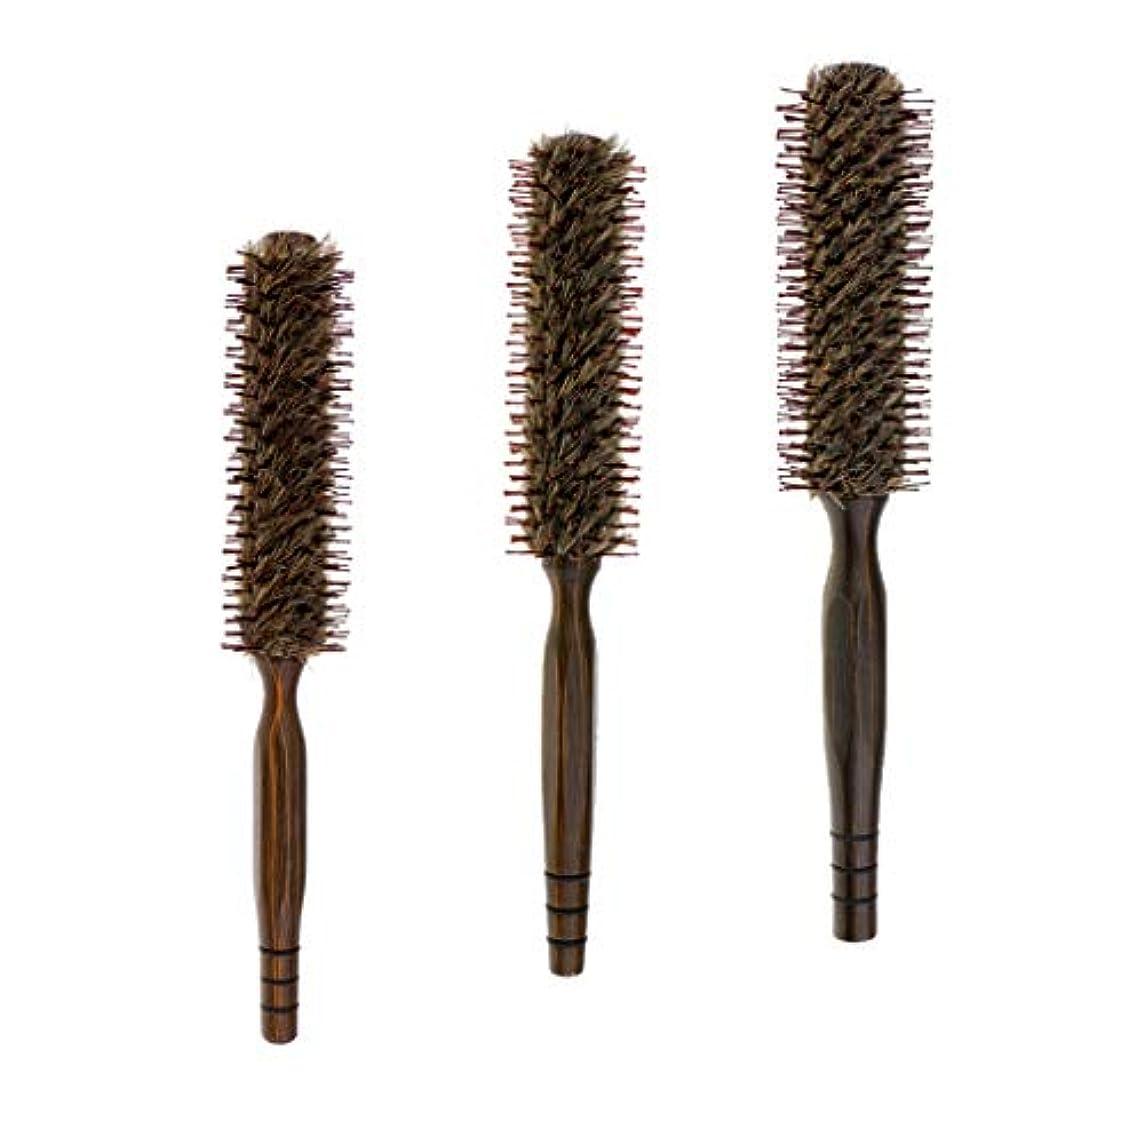 交渉する説明的畝間Toygogo 3パック小さい丸い木製理髪の毛の巻き毛の櫛のブラシ18/20 / 22mm